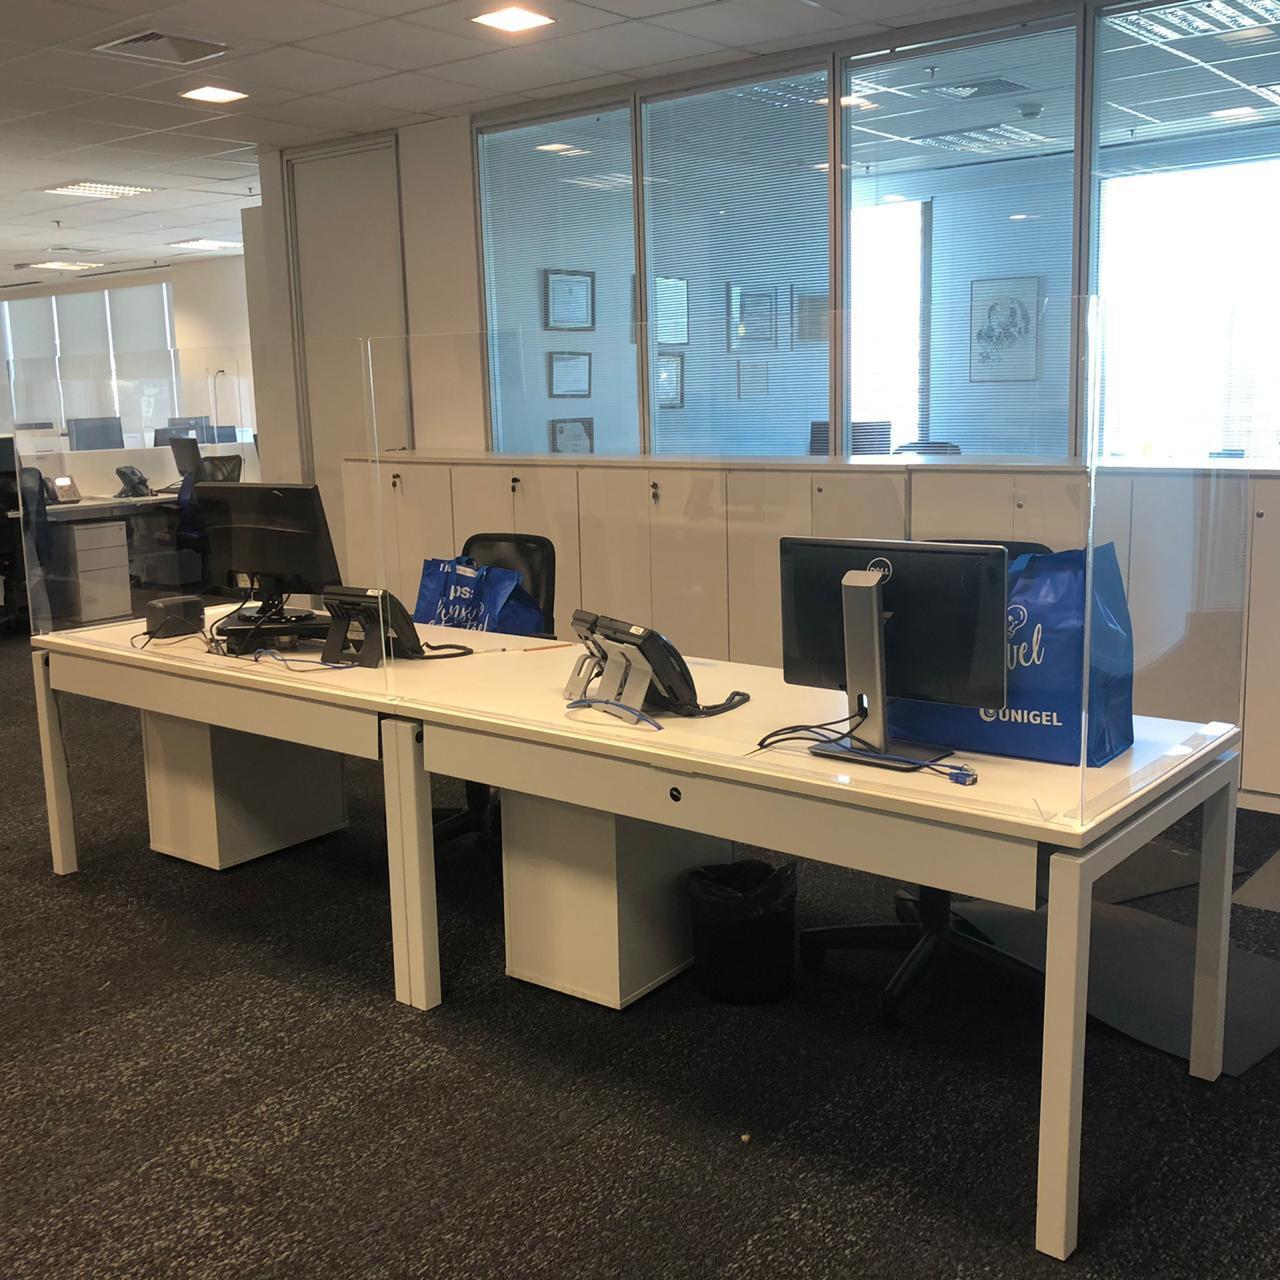 Unigel: Mesas alternadas e separadas por divisórias